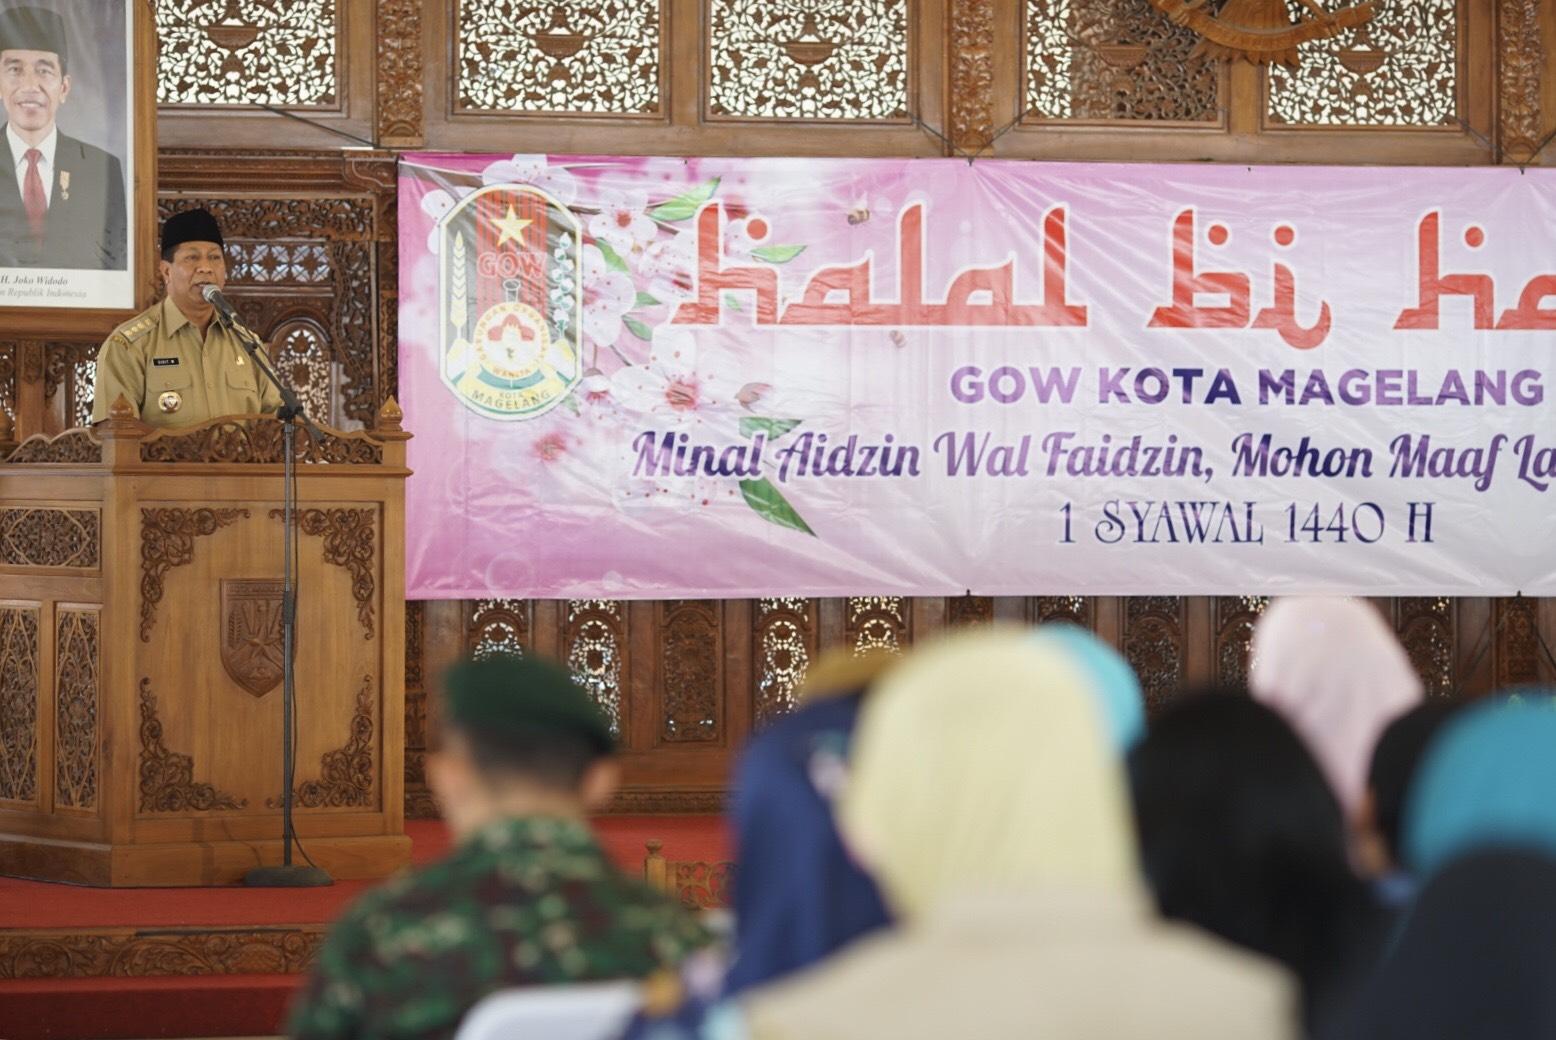 Walikota Sigit: GOW Ikut Andil Memajukan Kota Magelang